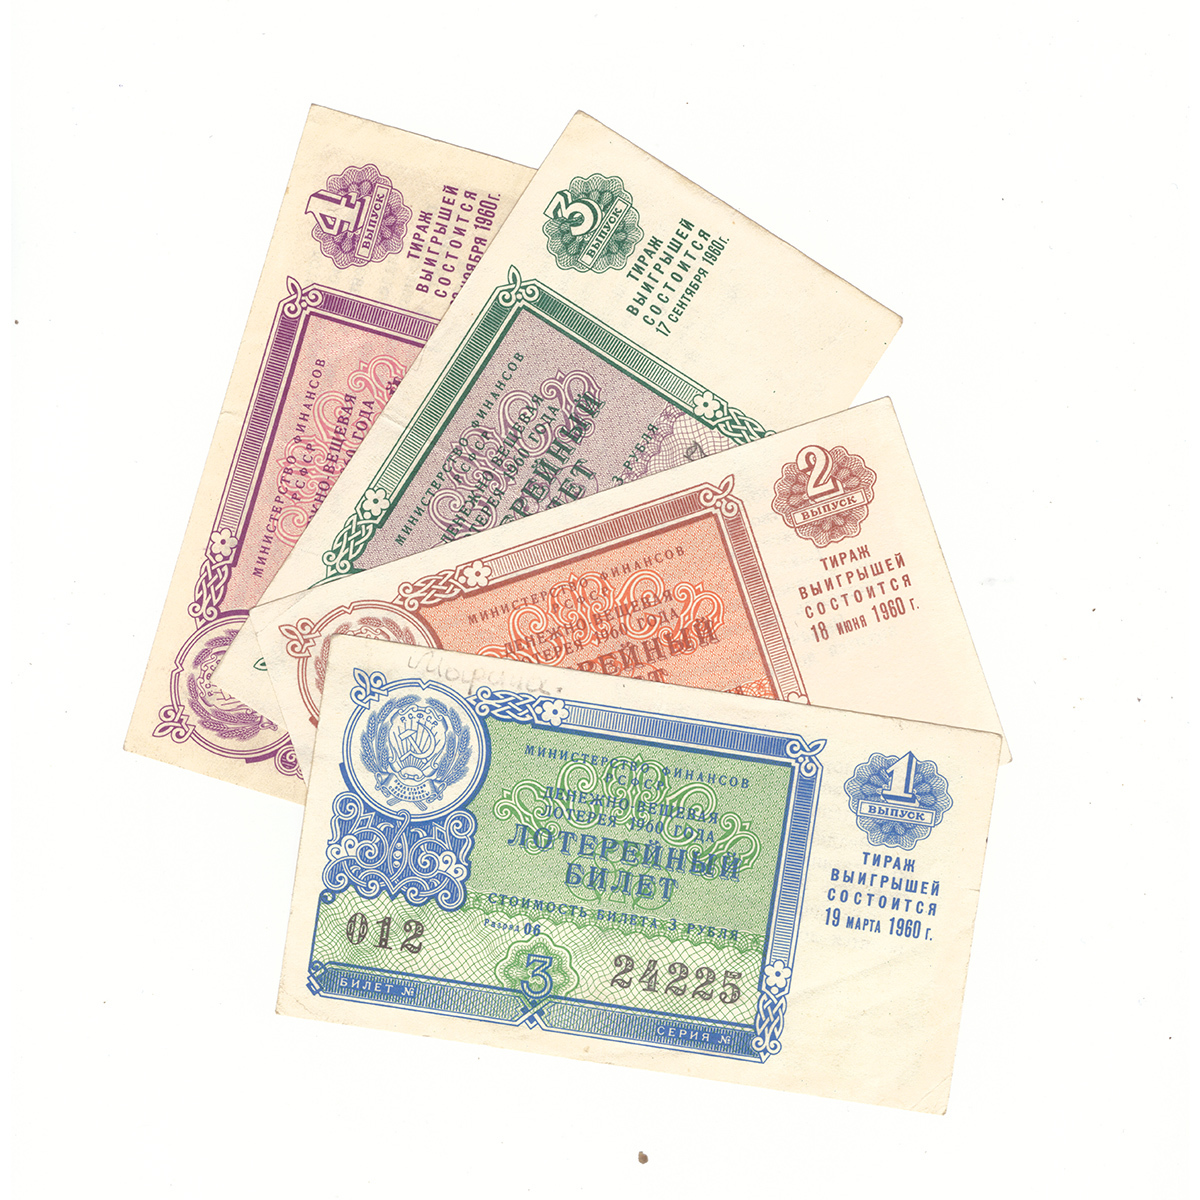 Набор лотерейных билетов Денежно-вещевой лотереи 1960 года (4 шт)